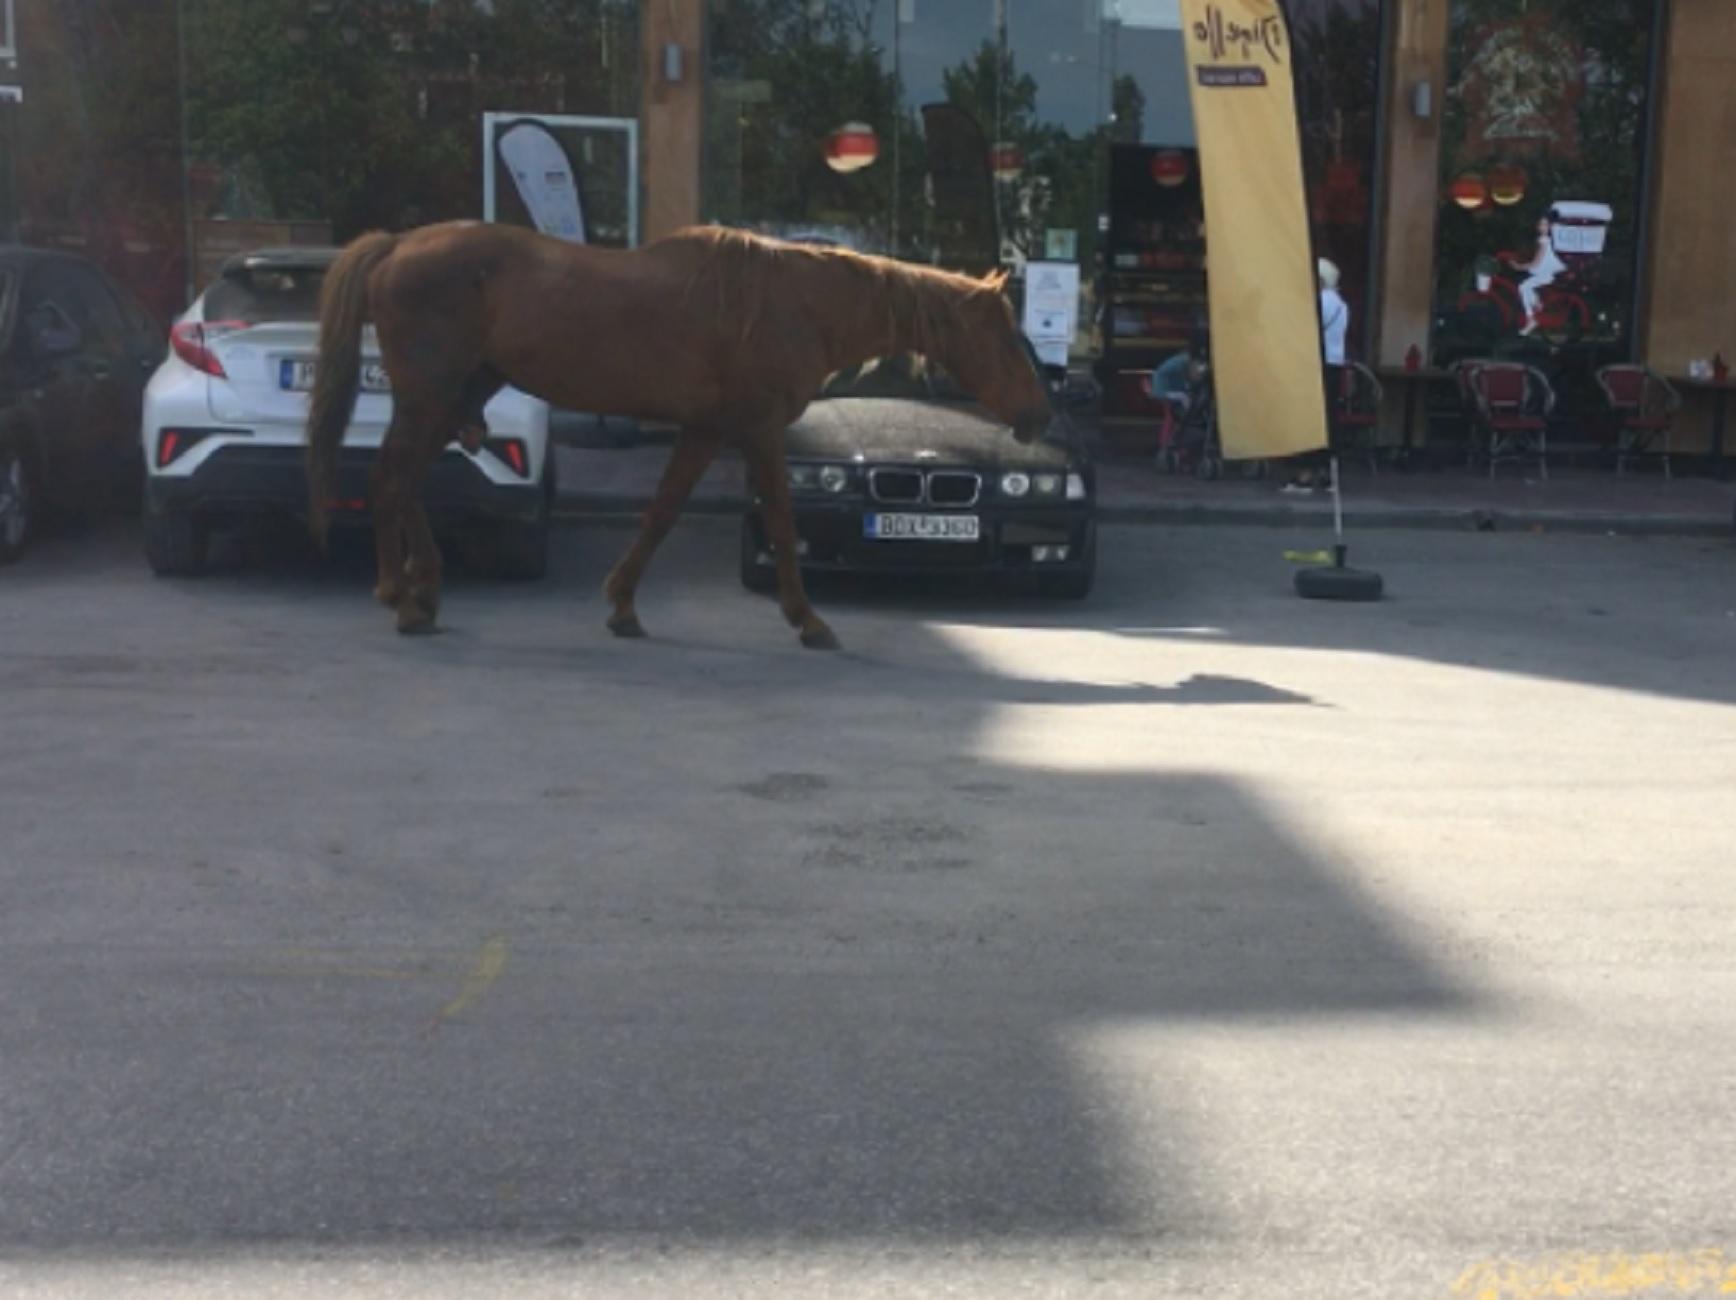 Λάρισα: Οι εικόνες της ημέρας – Άλογο έφτασε σε πλανώδιο πωλητή για φρούτα και λαχανικά (video)